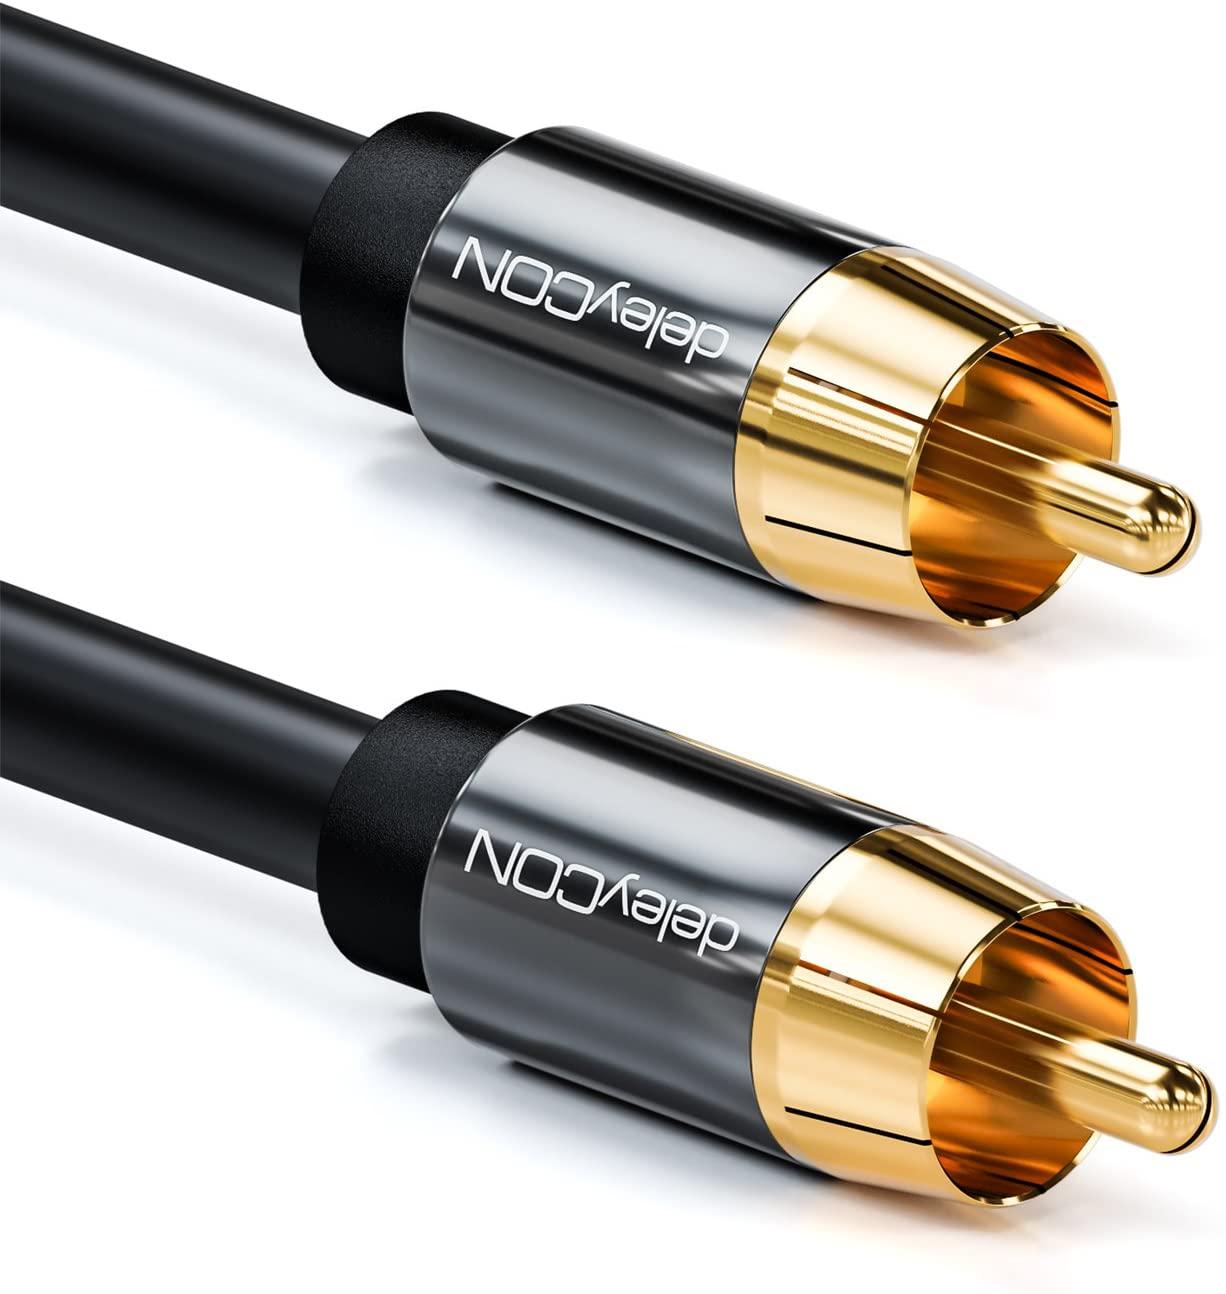 deleyCON Cable para Subwoofer 3m - Cable Coaxial Digital con Conector RCA - Contactos Chapados - Cable de Audio - Subwoofer Receptor AV Amplificador Cine de Casa